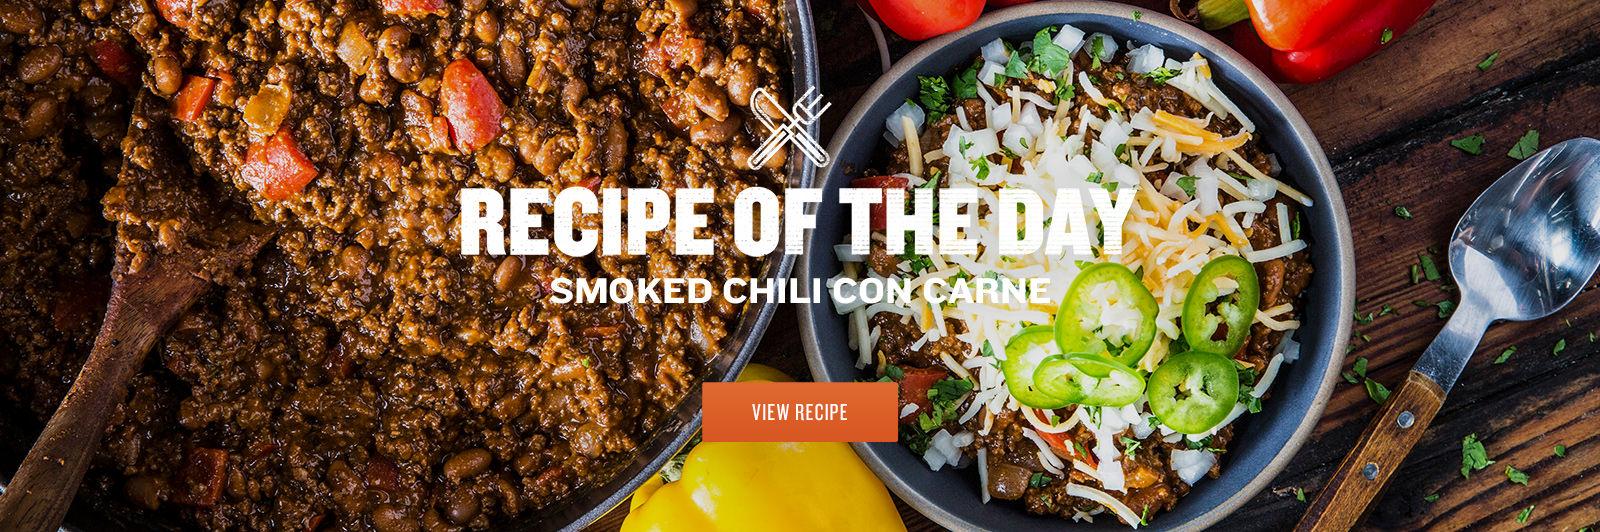 Smoked Chili Con Carne